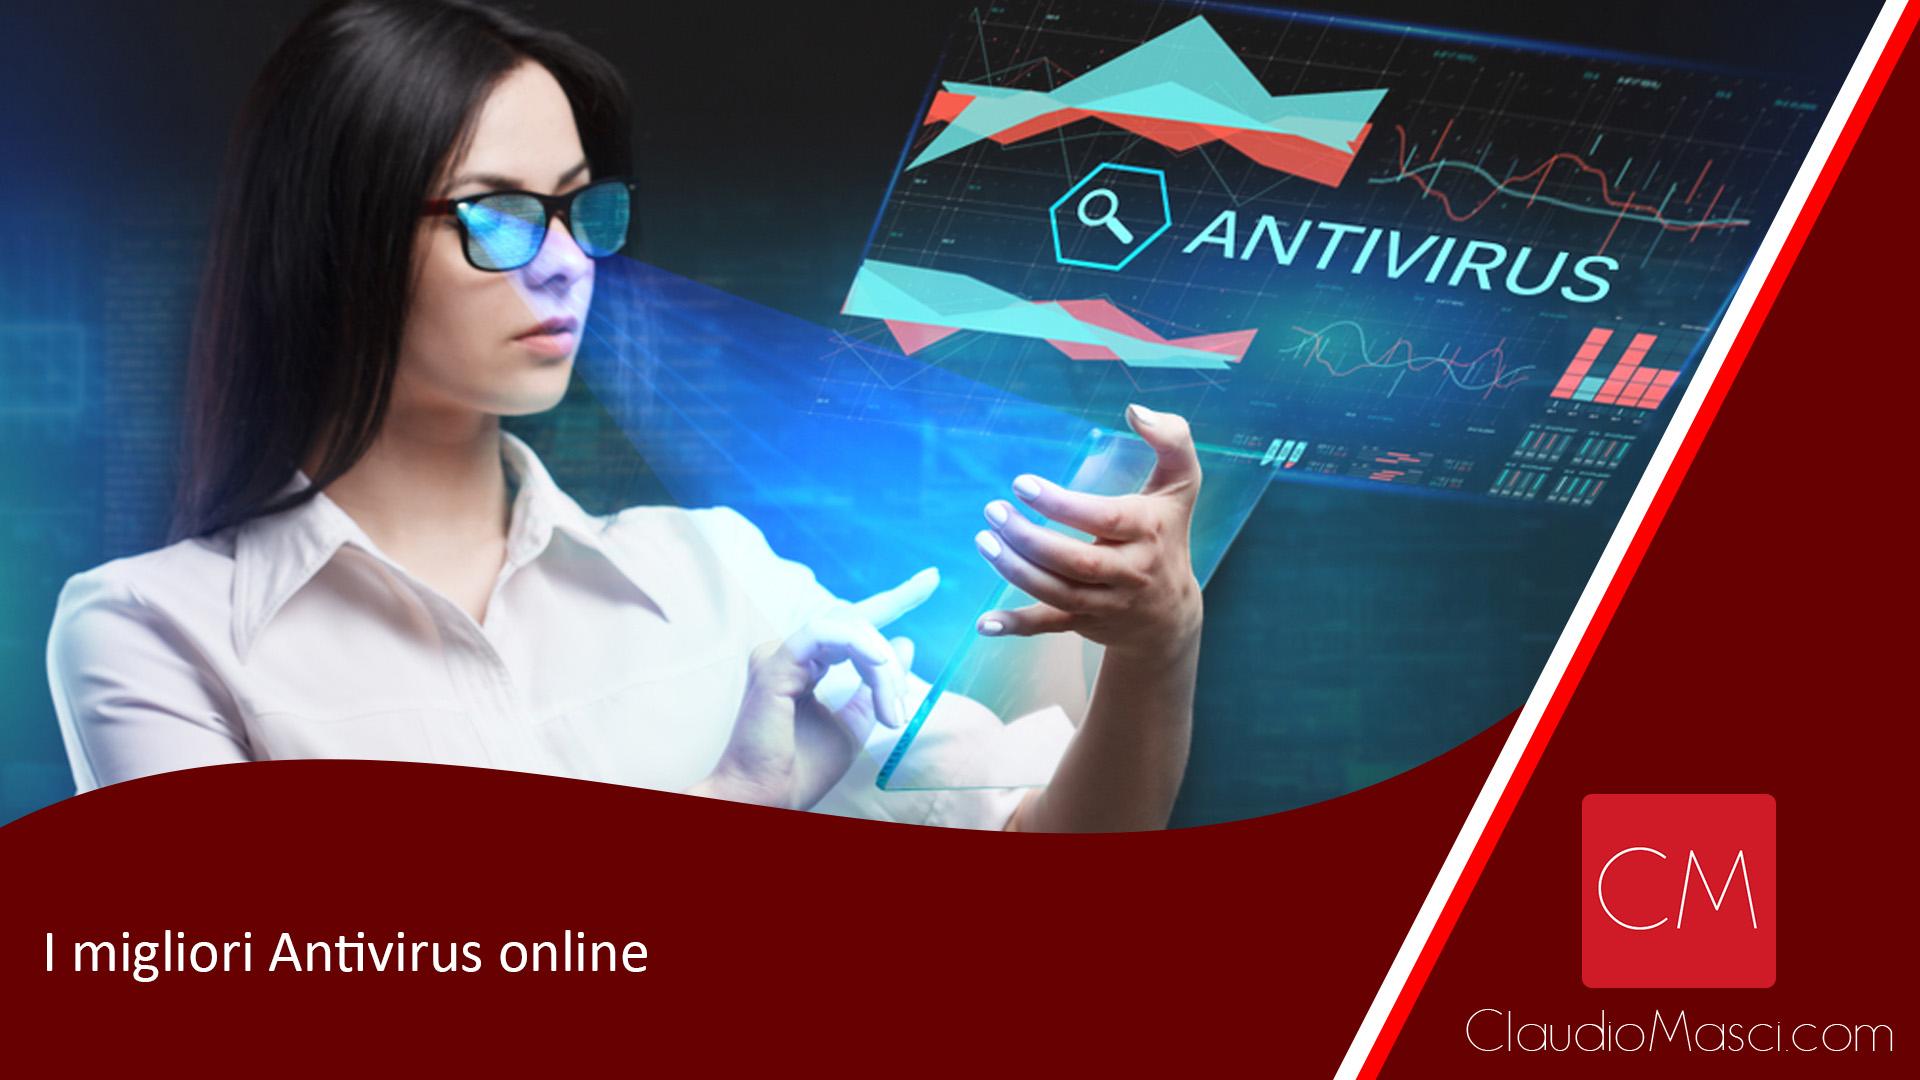 I migliori Antivirus online